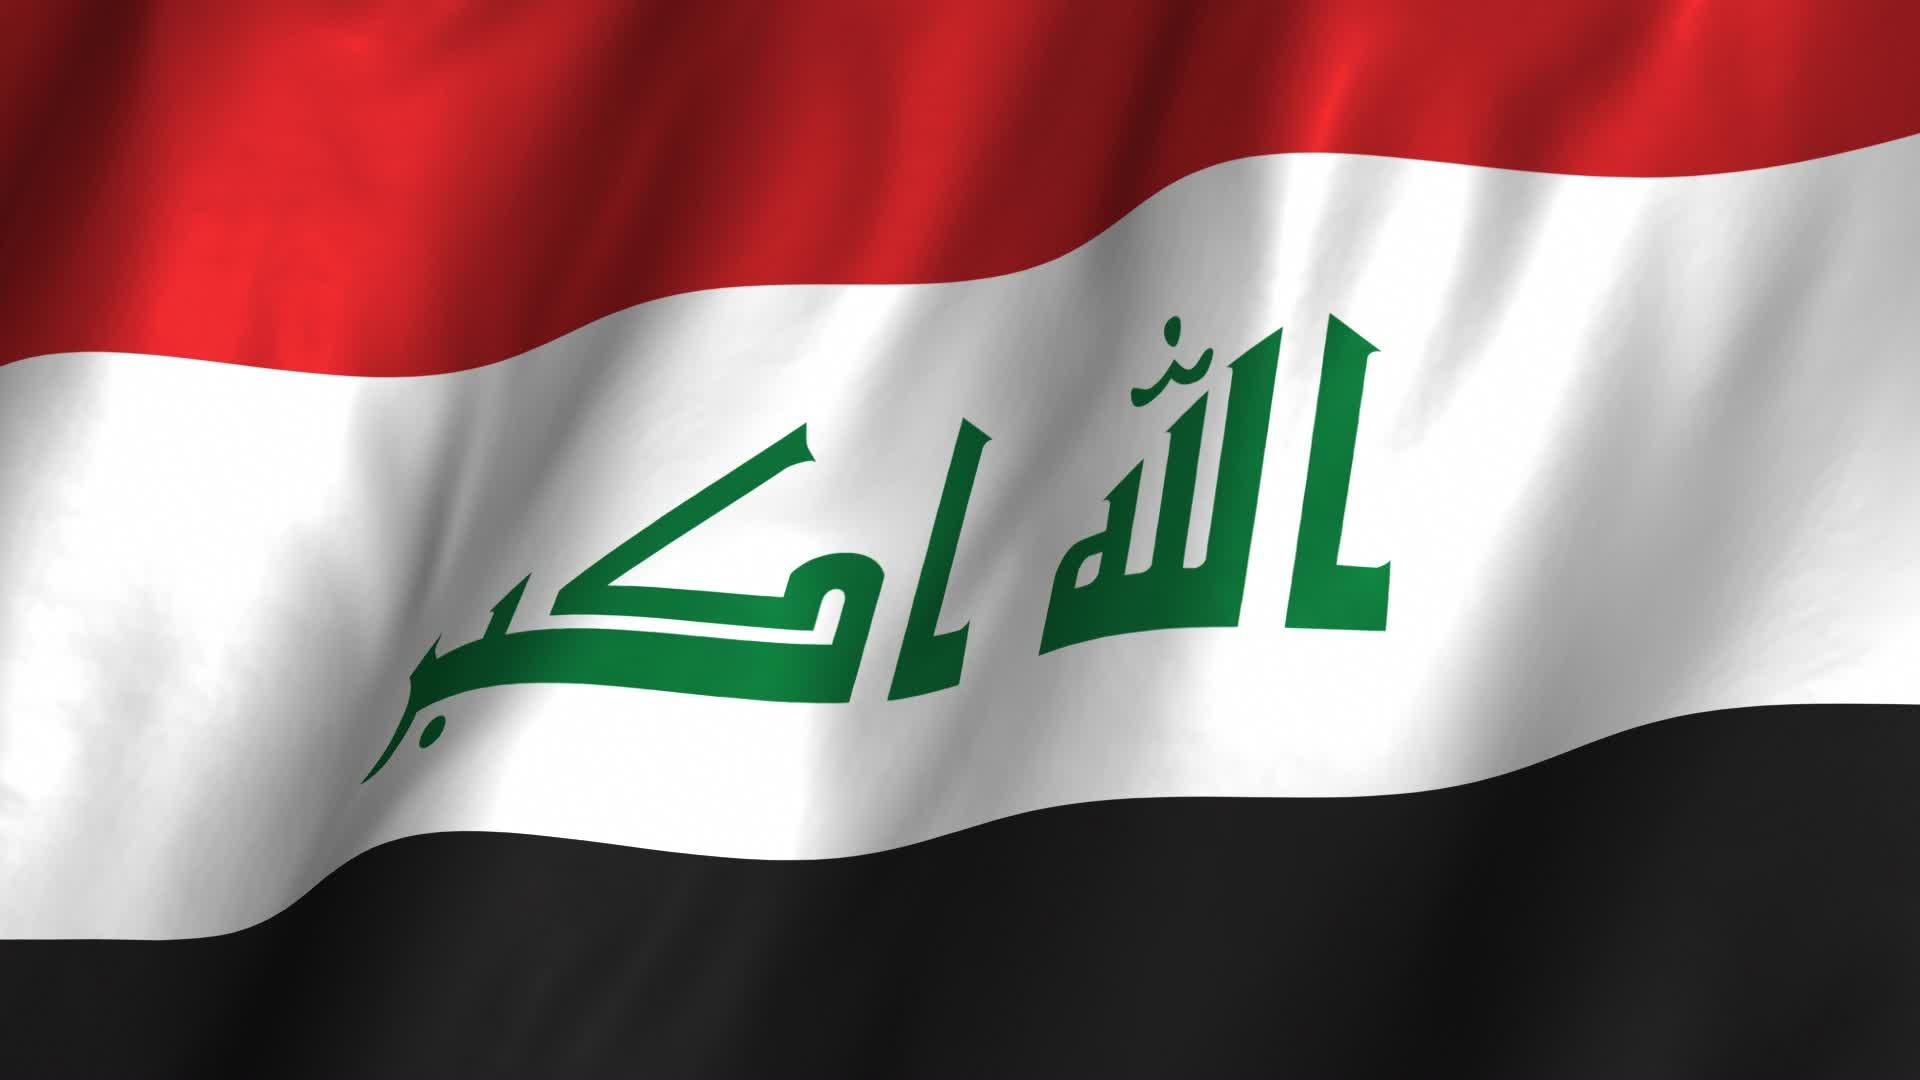 العراق ومجلس التعاون الخليجي: نحو إستراتيجية مستقبلية